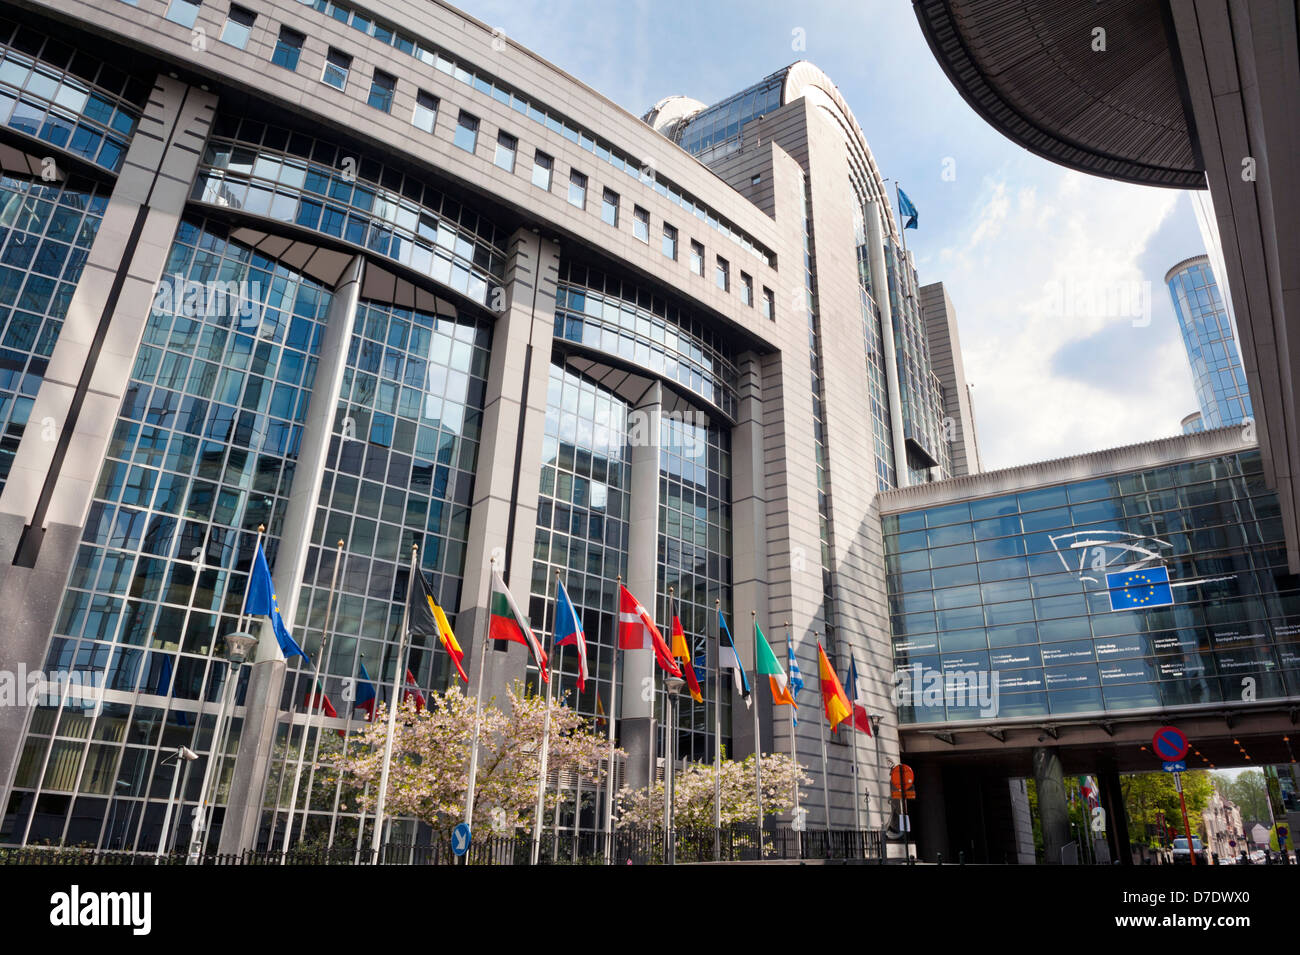 The European Parliament building, Brussels, Belgium. - Stock Image